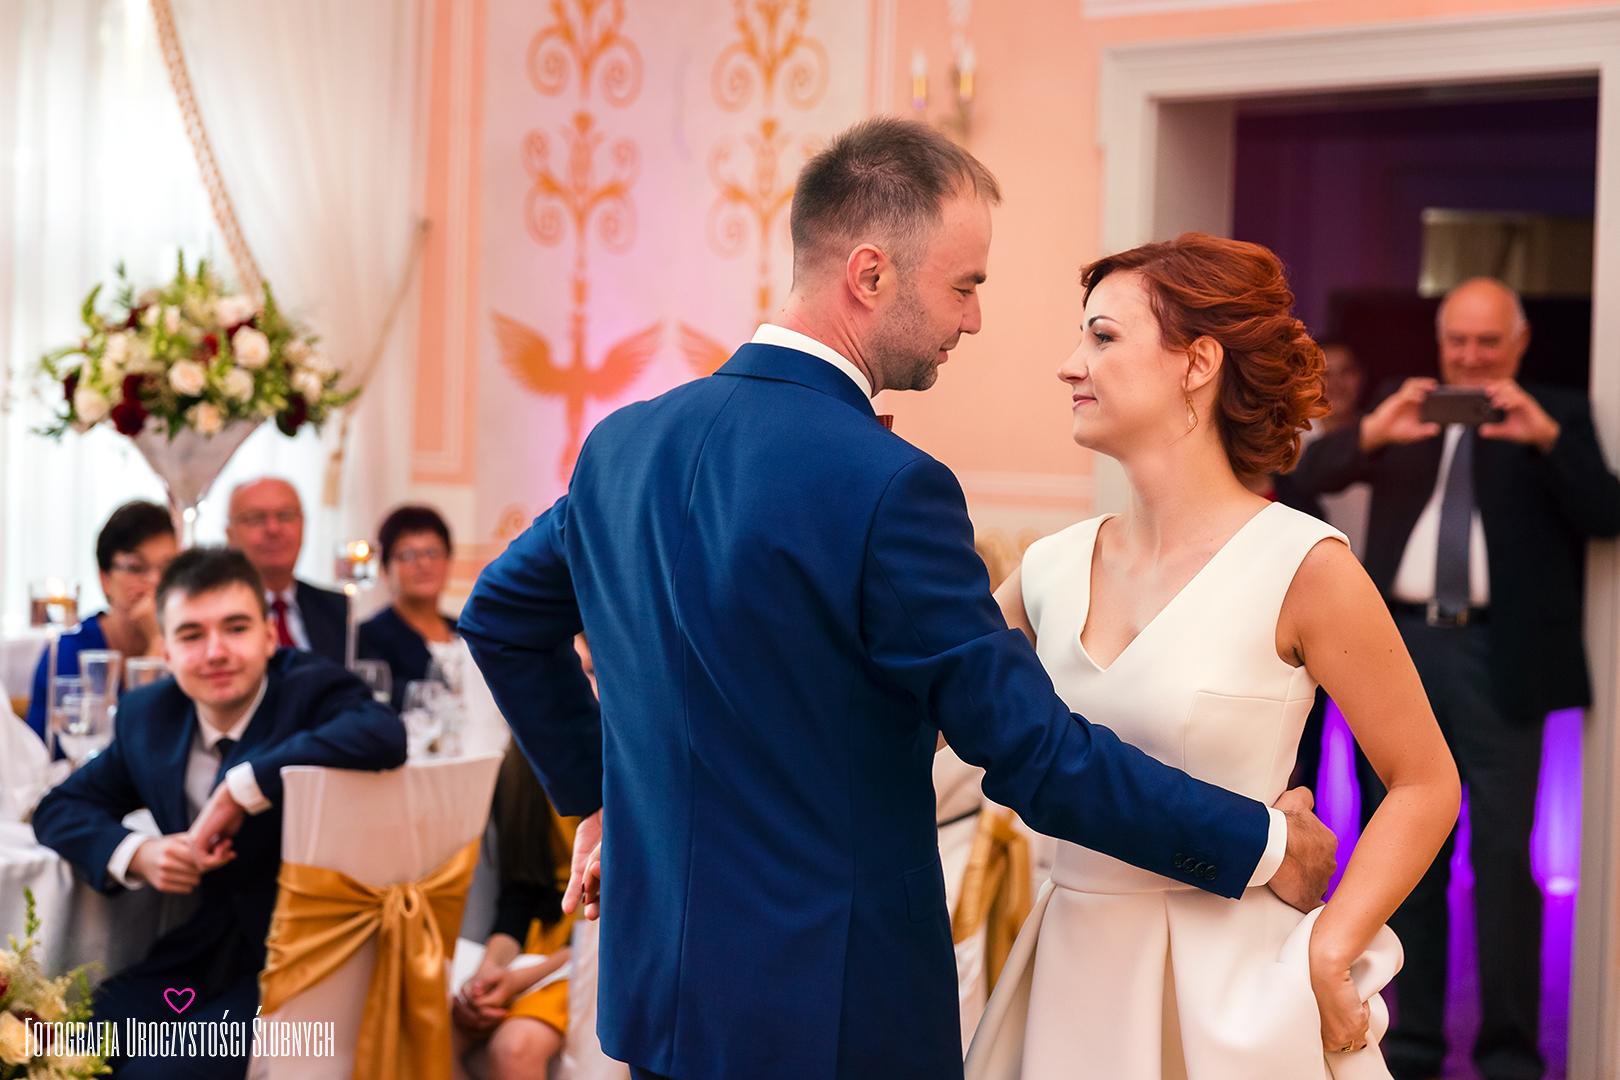 Marika i Bogusław - Sesja ślubna w Pałacu Wojanów. Reportaże ślubne, sesje narzeczeńskie, plenery ślubne Jelenia Góra.